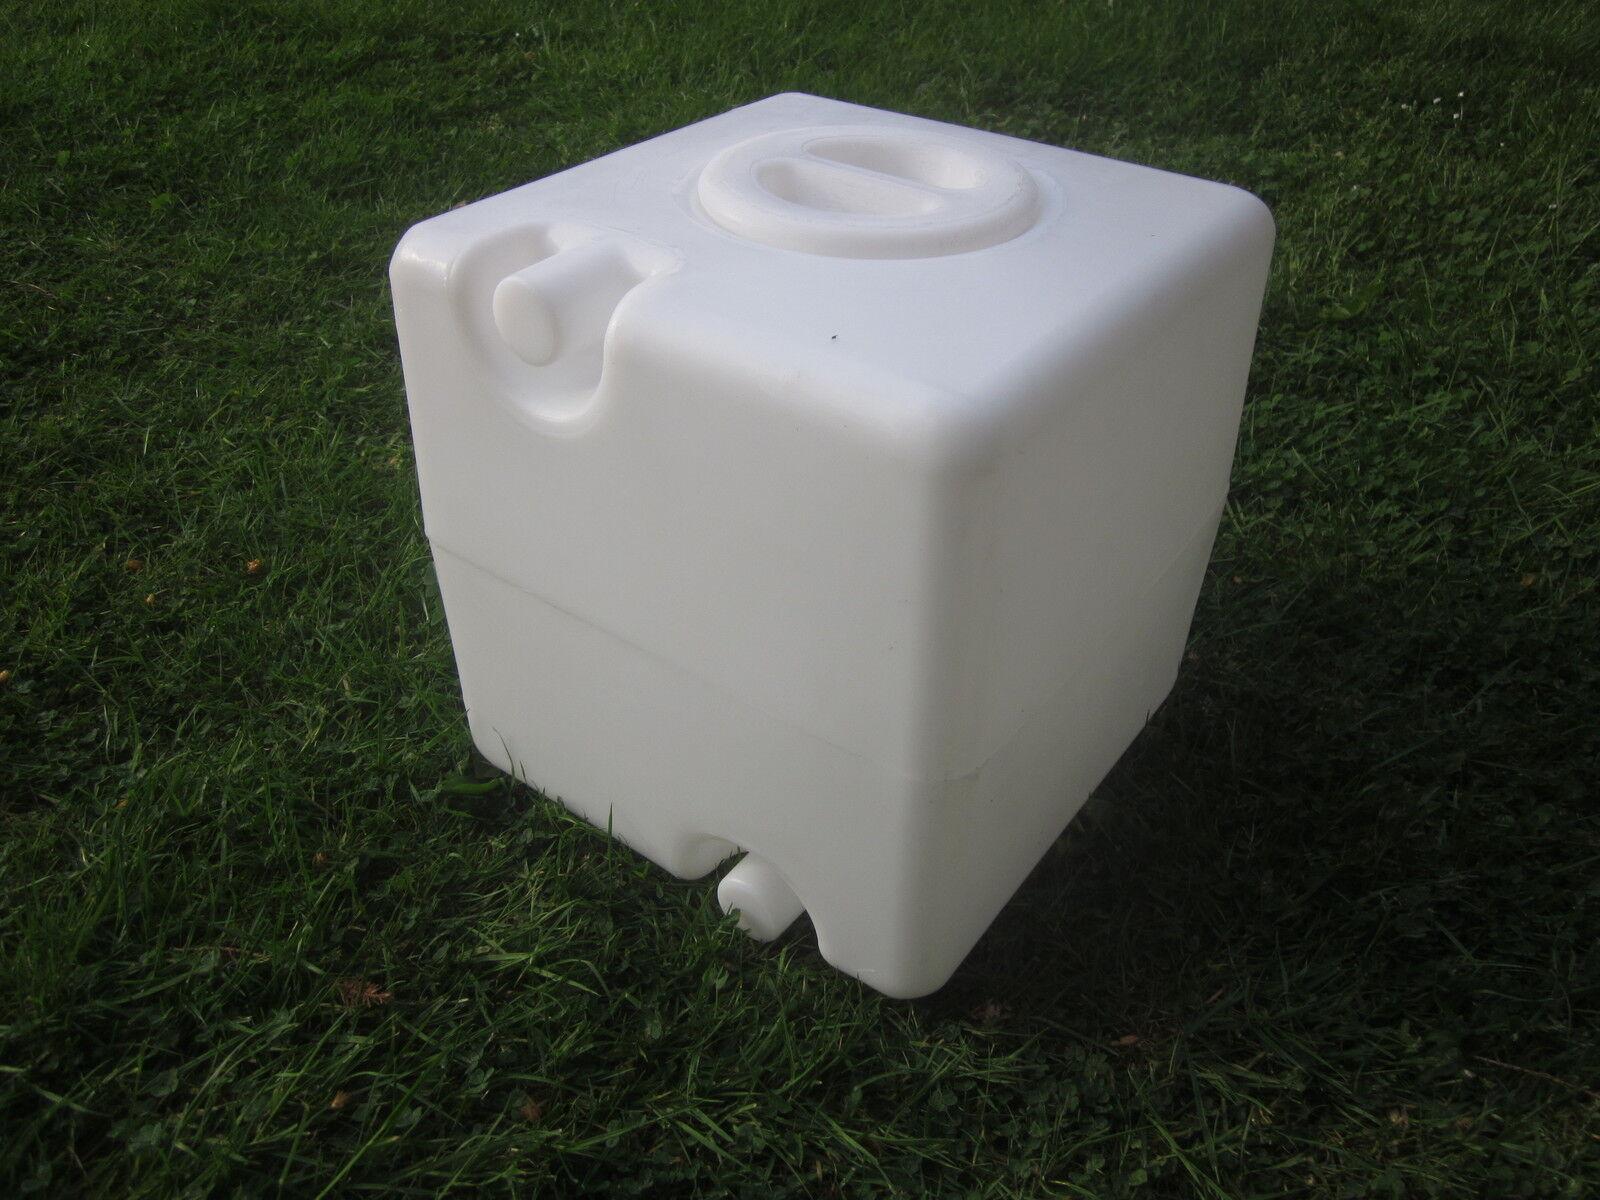 Wassertank, Frischwassertank, Frischwassertank, Wassertank, Abwassertank 30l  Wohnmobil Wohnwagen Stiefel 18d9bd